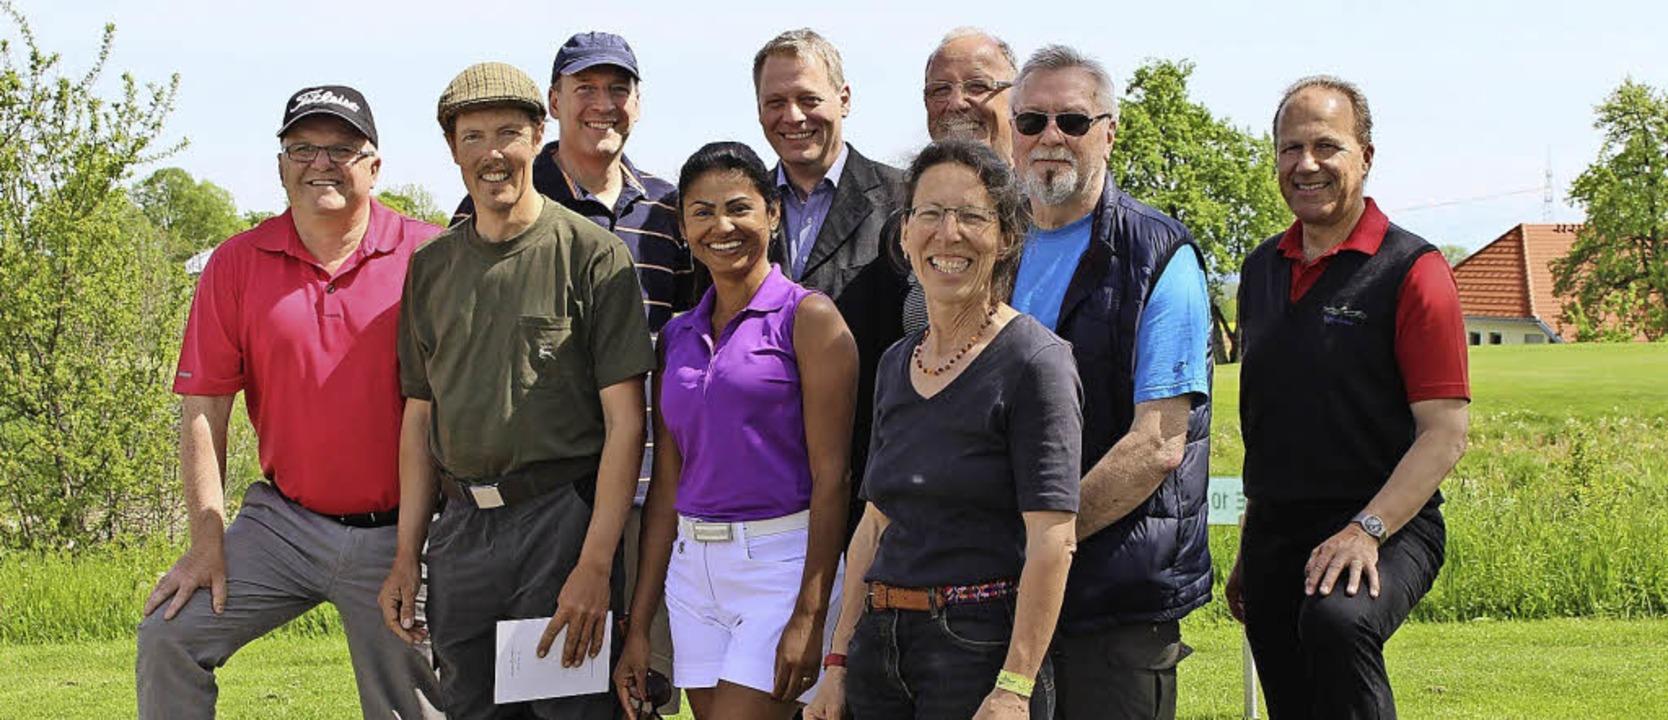 Sie gewannen Preise beim Gewinnspiel a...-Erlebnistag des Golfclubs Obere Alp.     Foto: Golfclub obere Alp